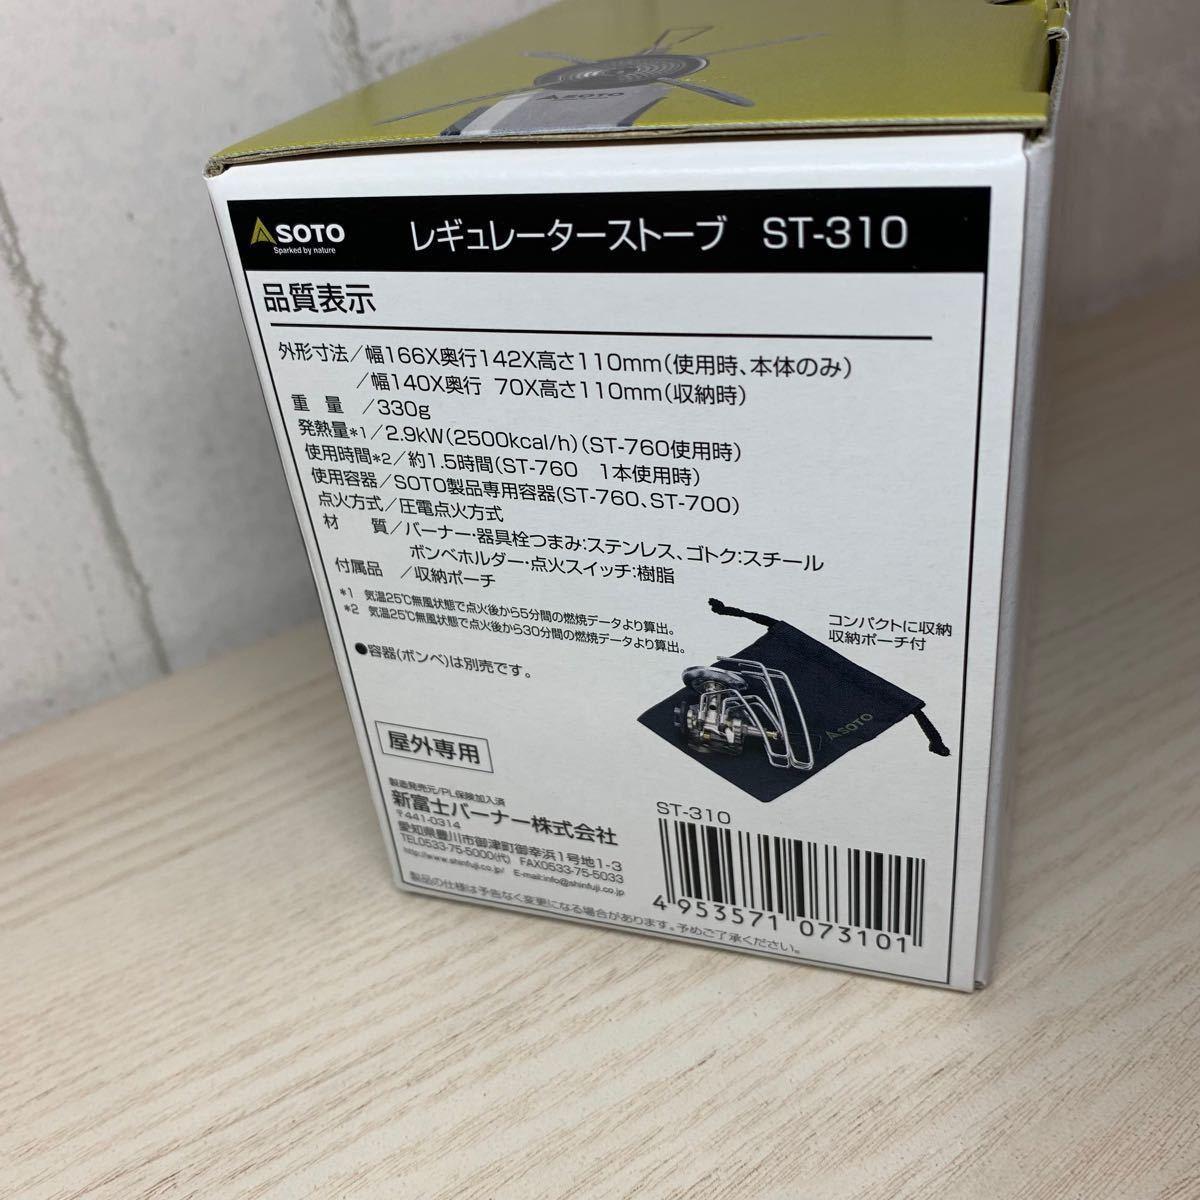 【新品未使用】SOTO 新富士バーナー レギュレーターストーブ ST-310